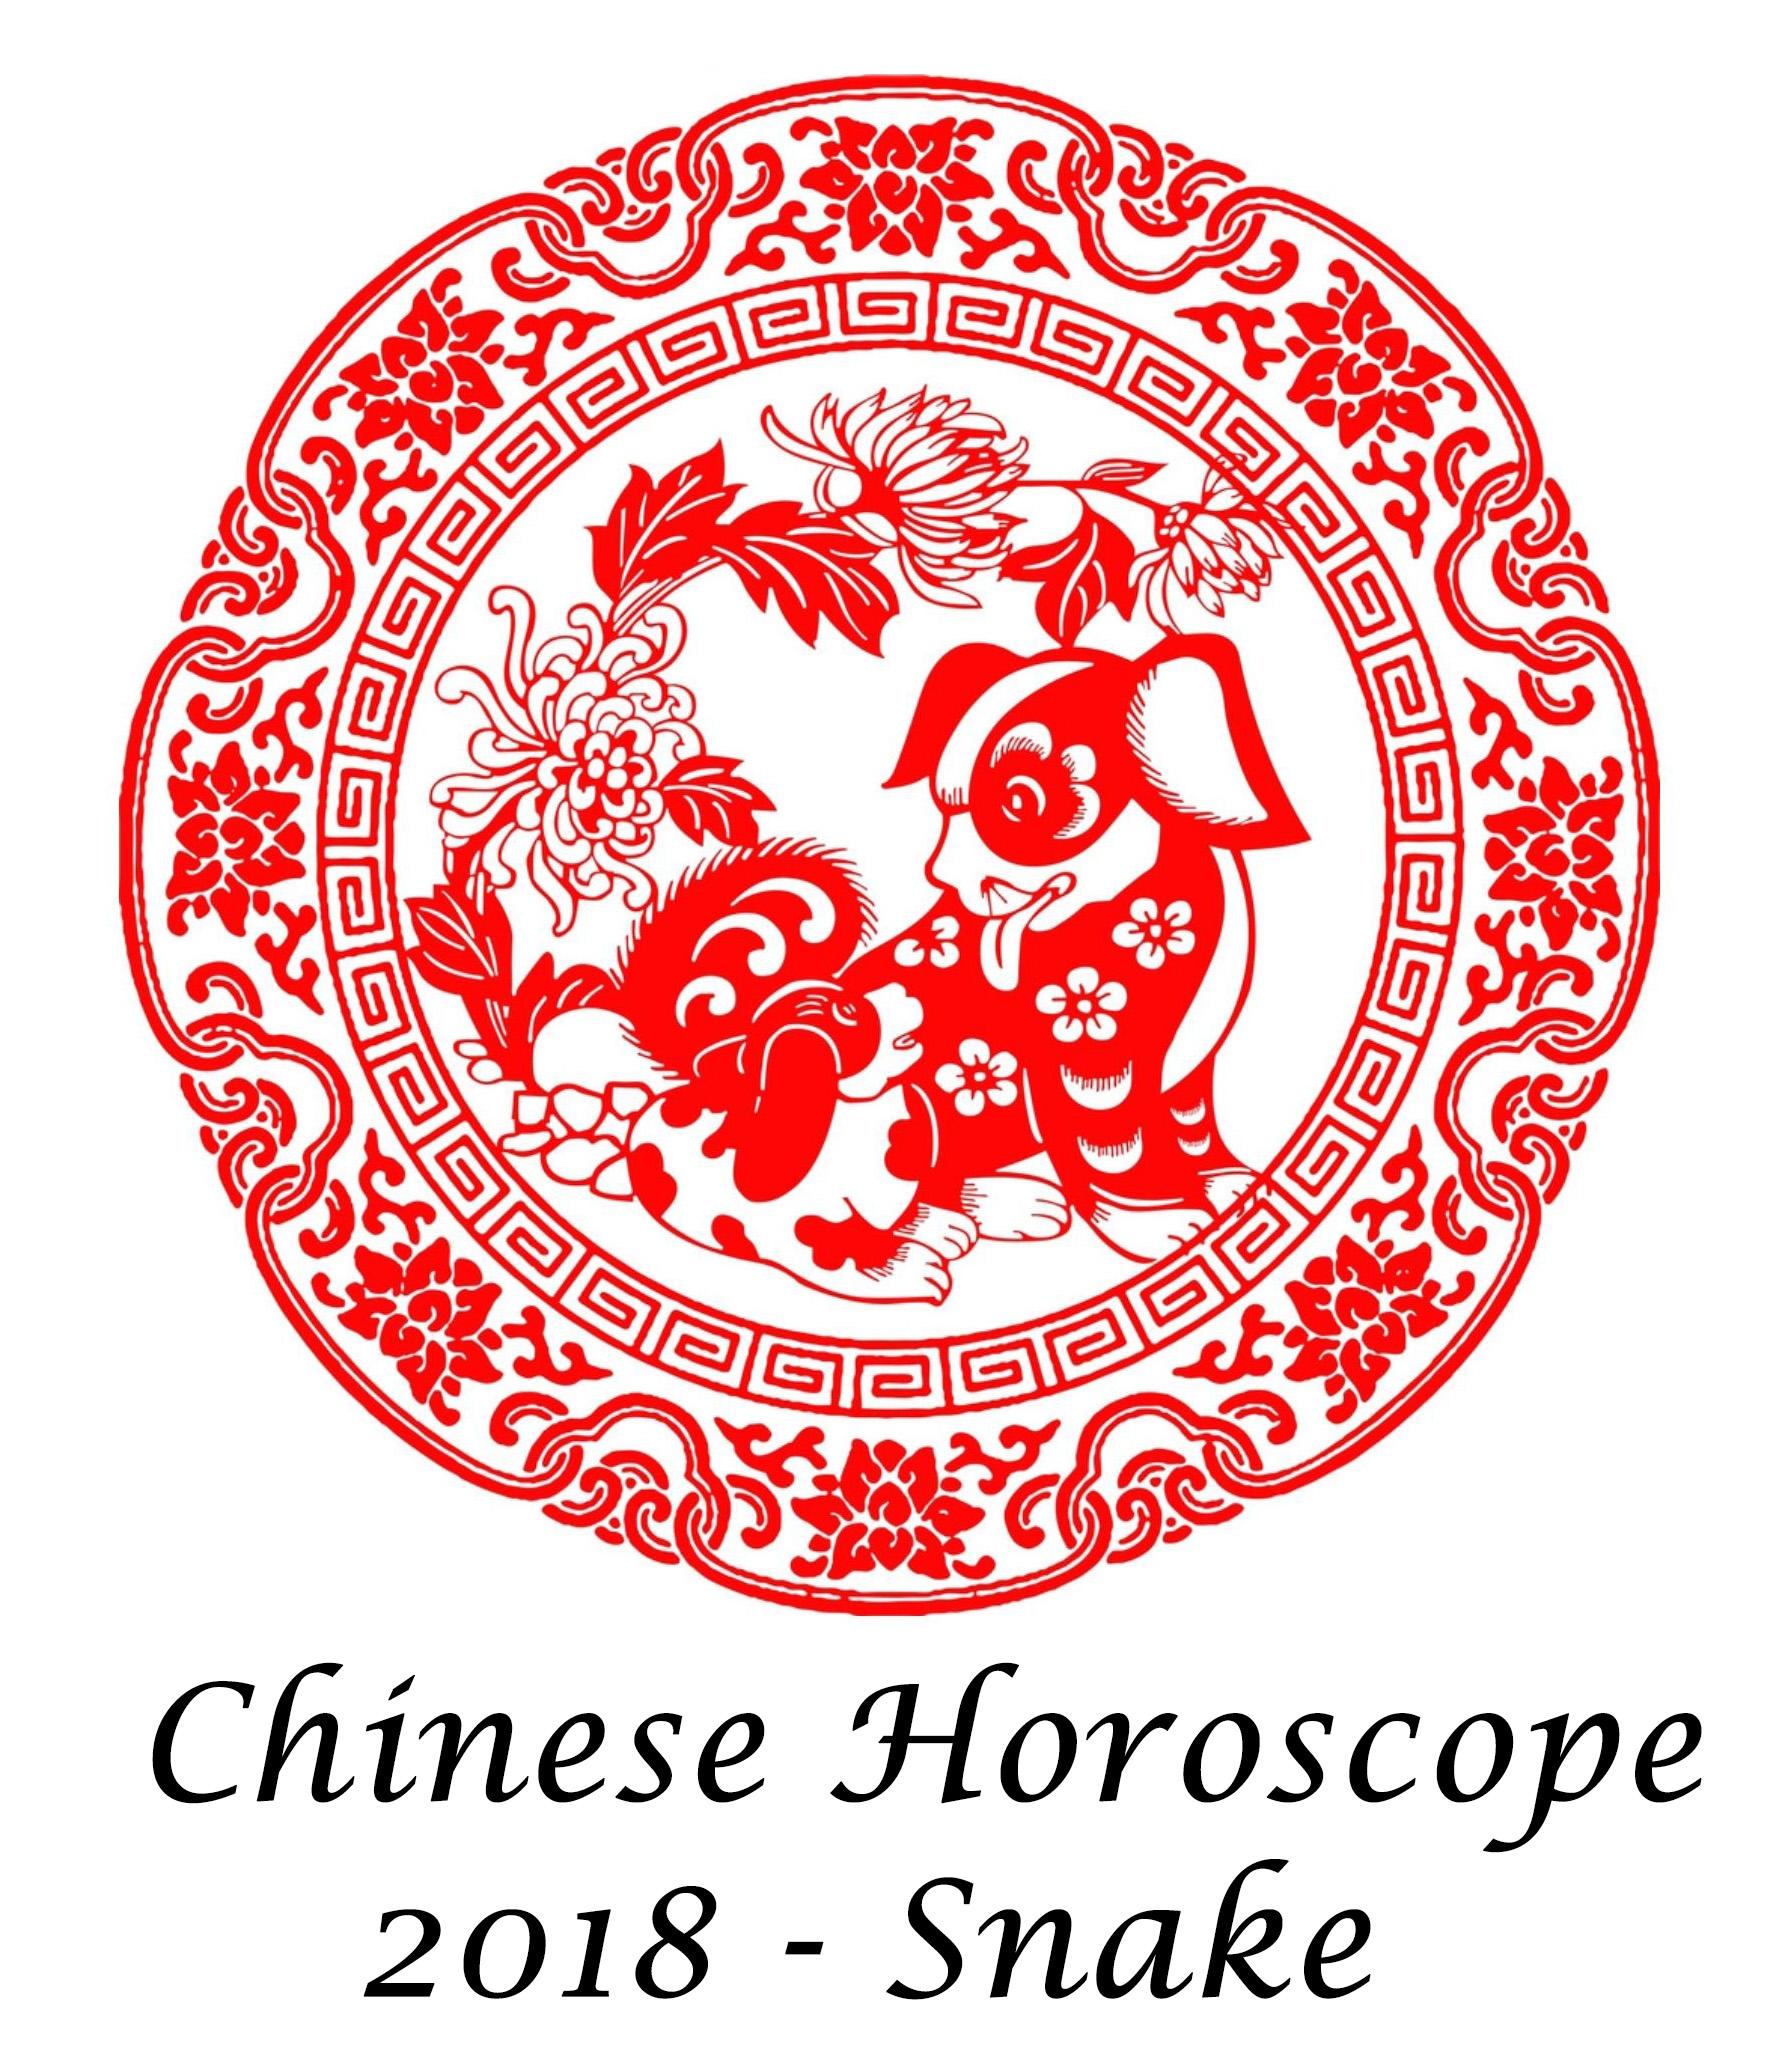 Chinese Horoscope Snake 2018